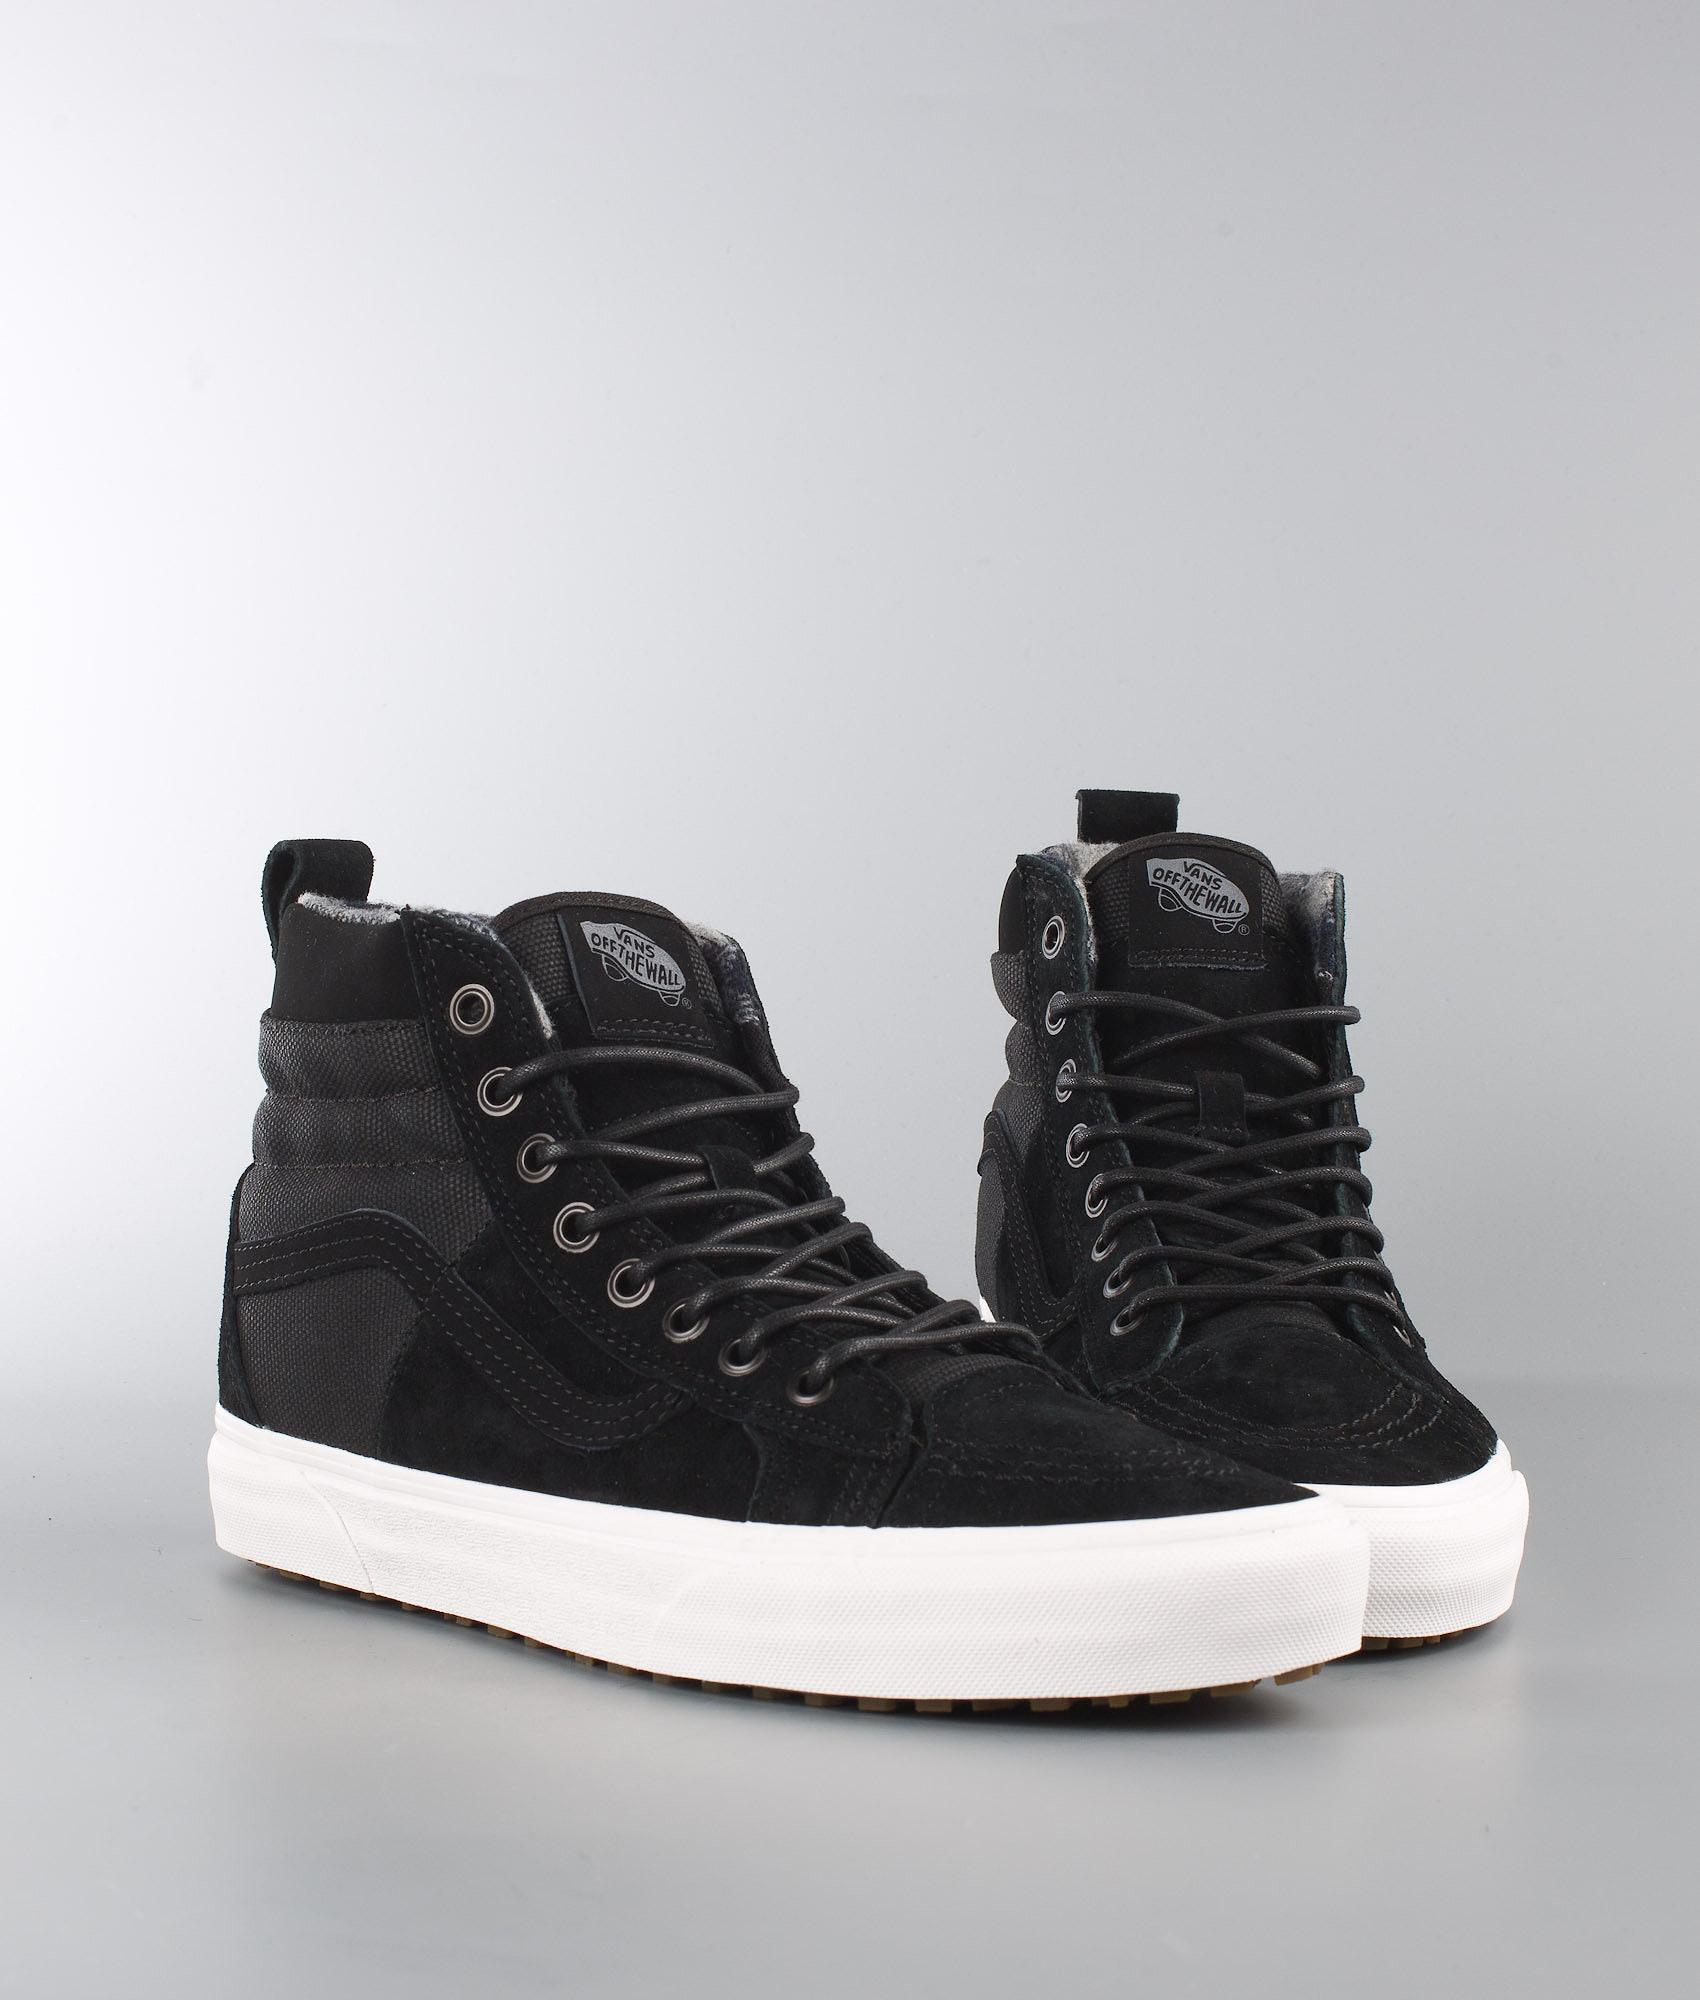 ac1866ca4f165e Vans Sk8-Hi 46 Mte Dx Shoes (Mte) Black Flannel - Ridestore.com